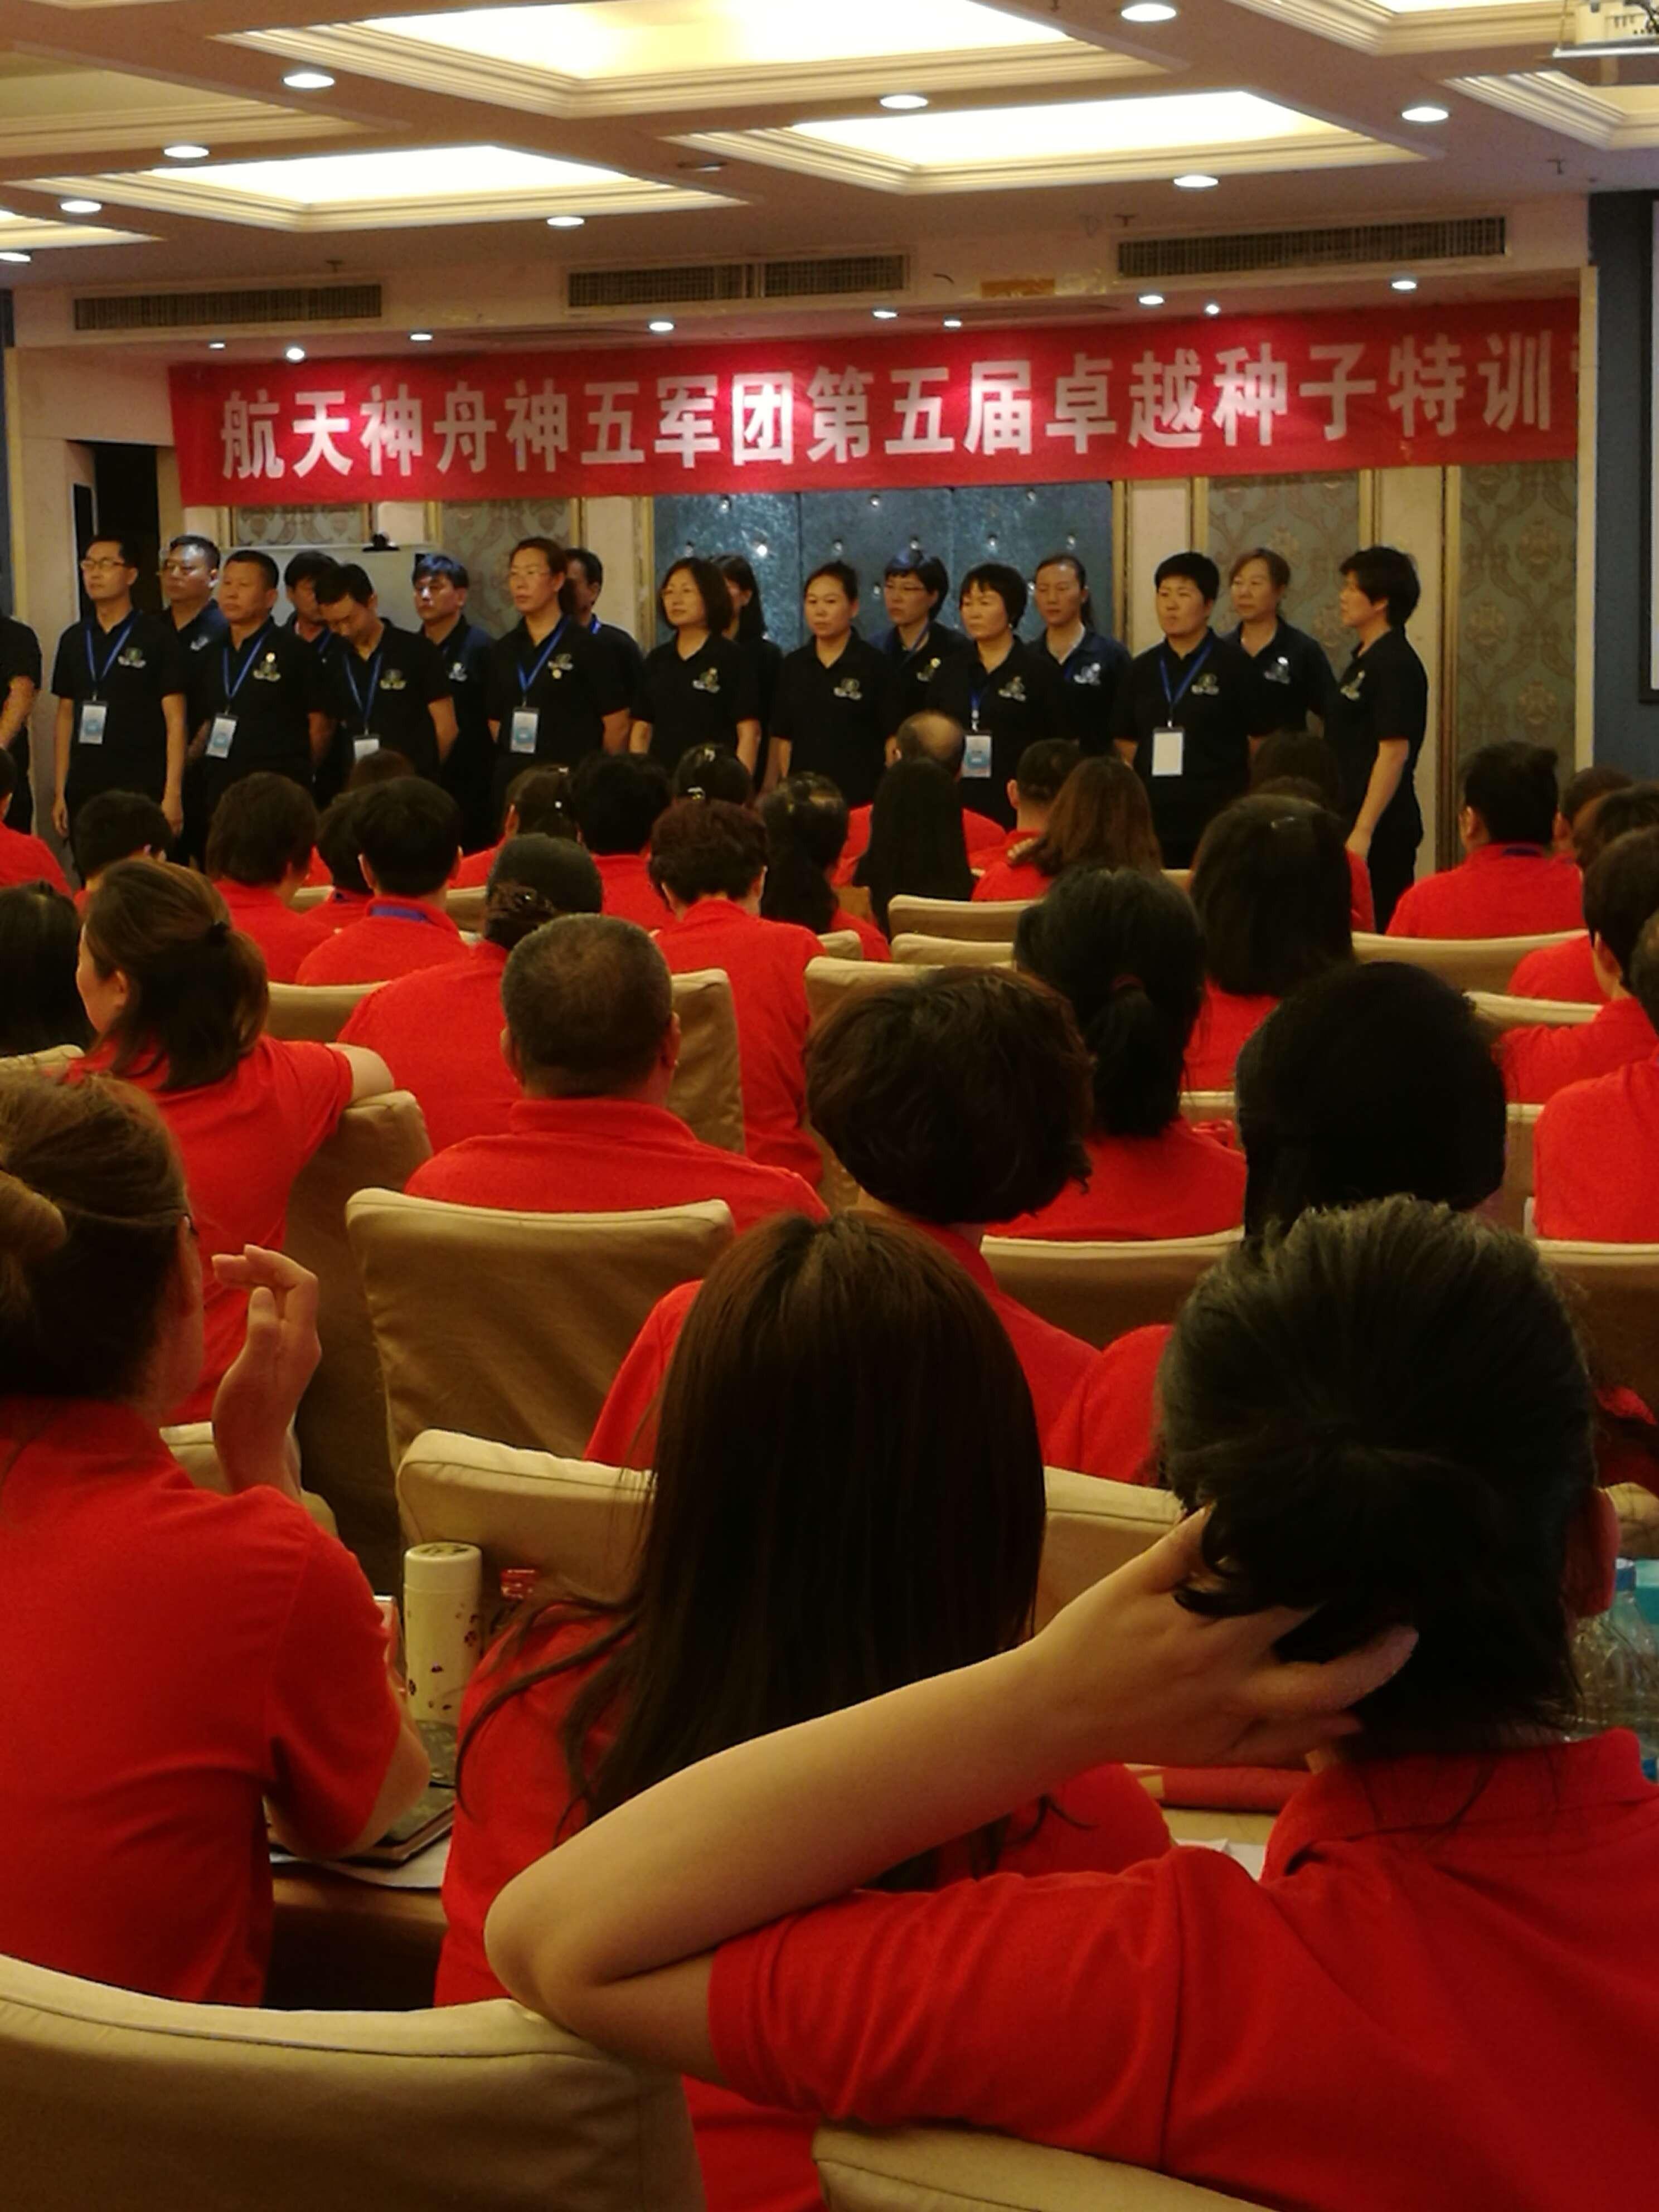 东方红直销团队-卓越种子训